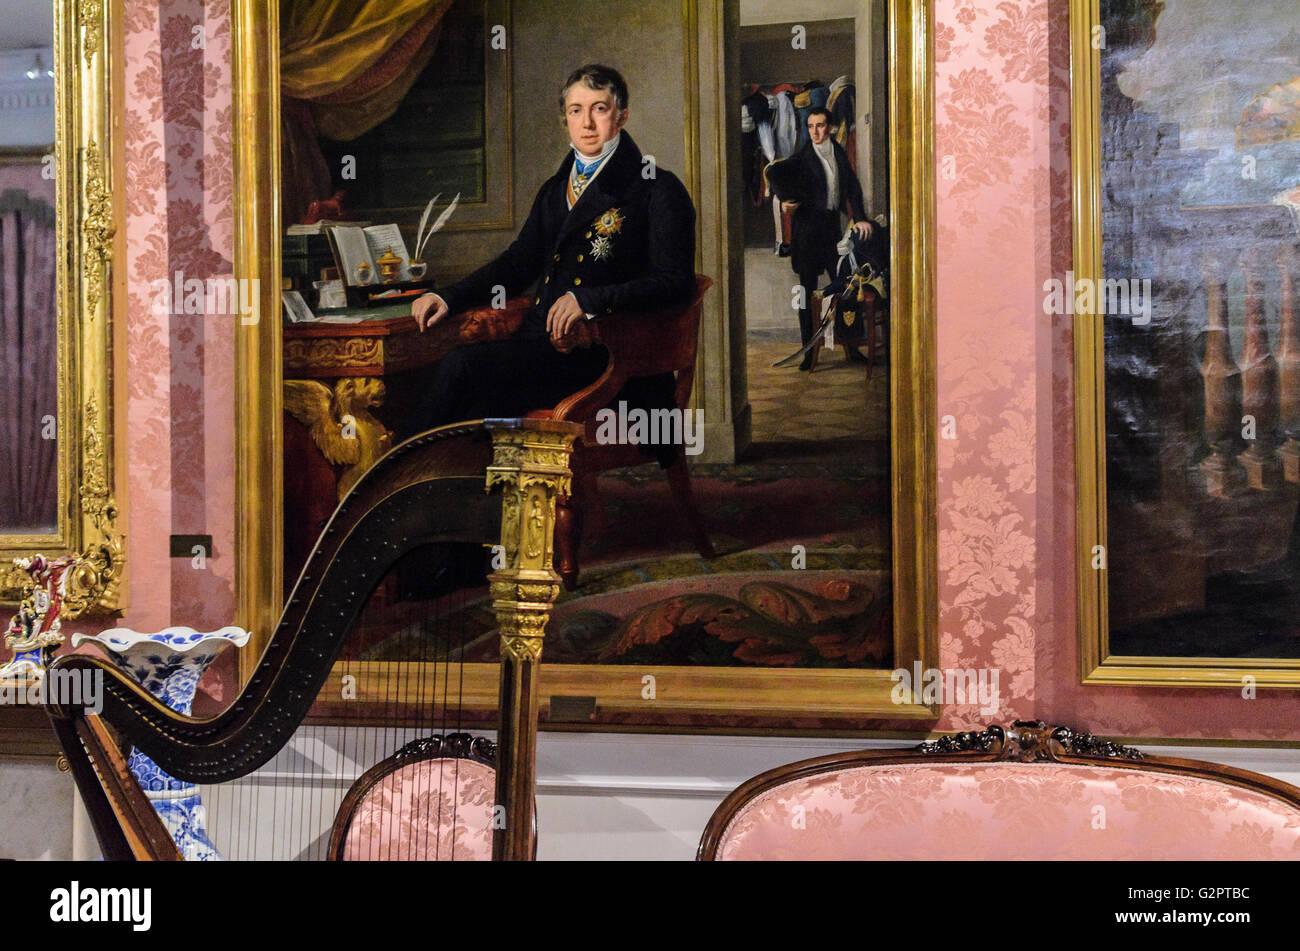 Madrid, Spanien, 2. Juni 2016.  Zeigen Sie im Innenbereich mit einer Harfe des Romantik-Museums in Madrid, Spanien Stockbild